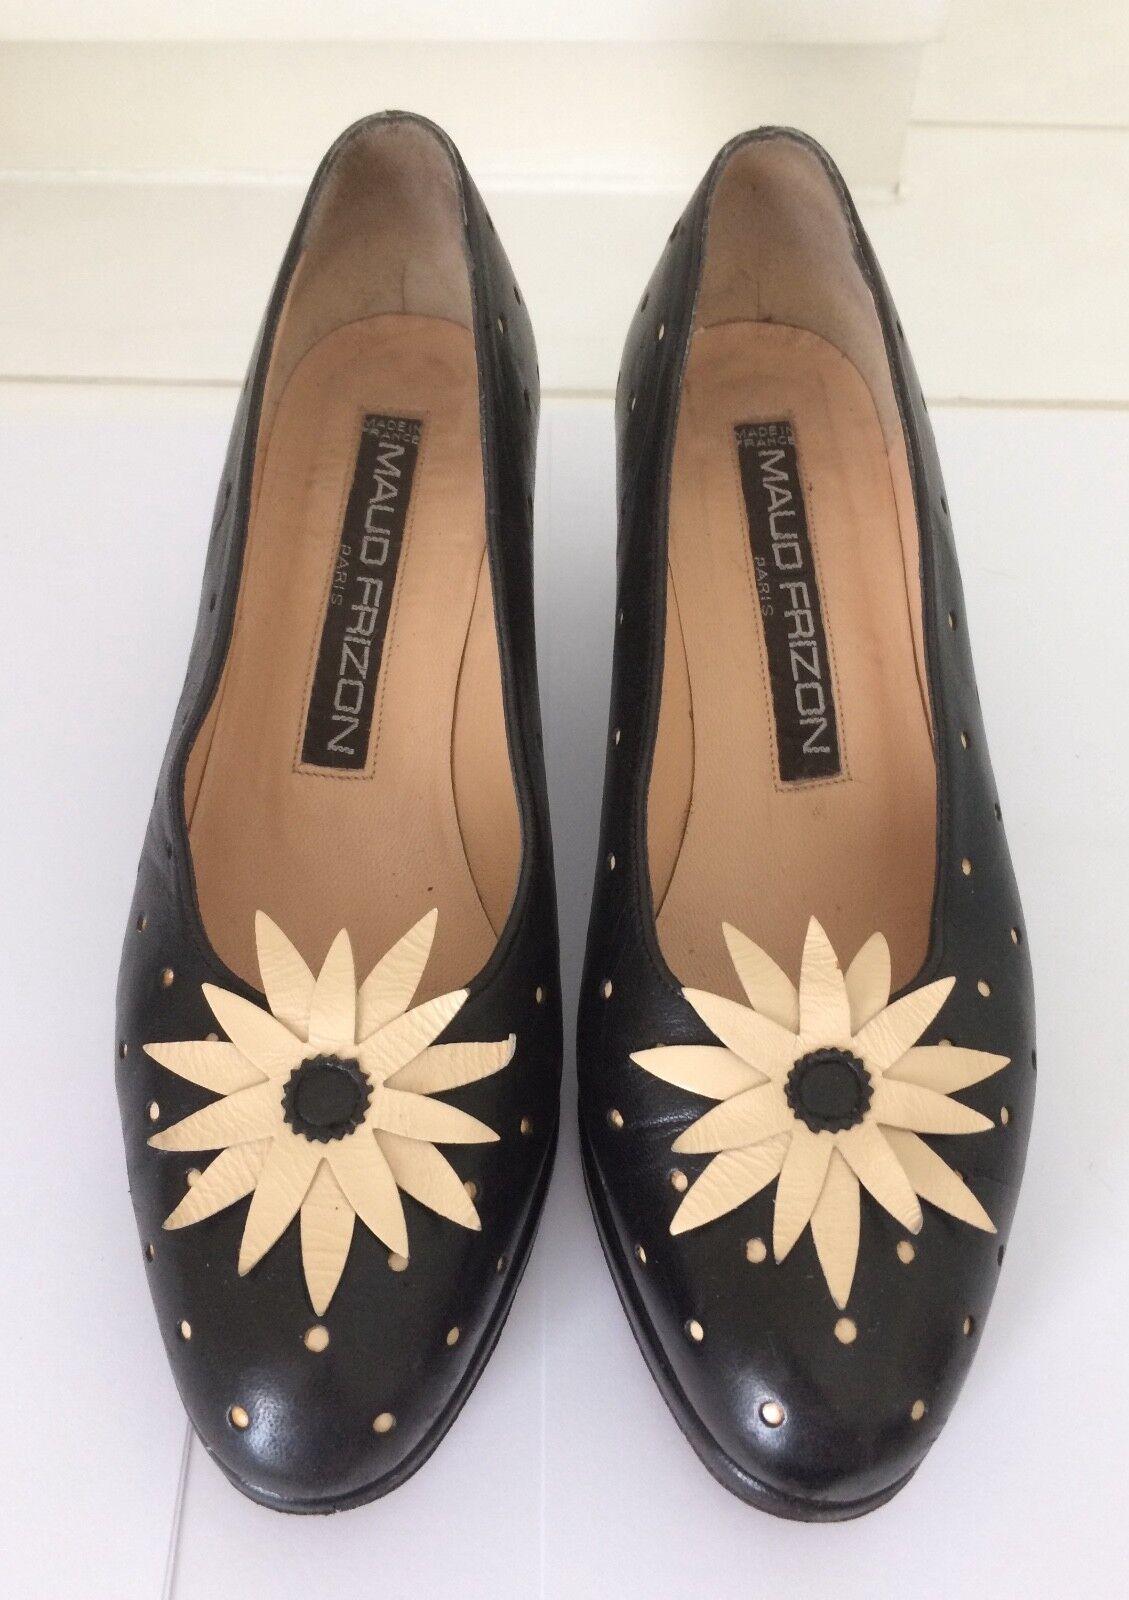 Maud Frizon Black Pumps, Size 37,5 (UK 4,5)